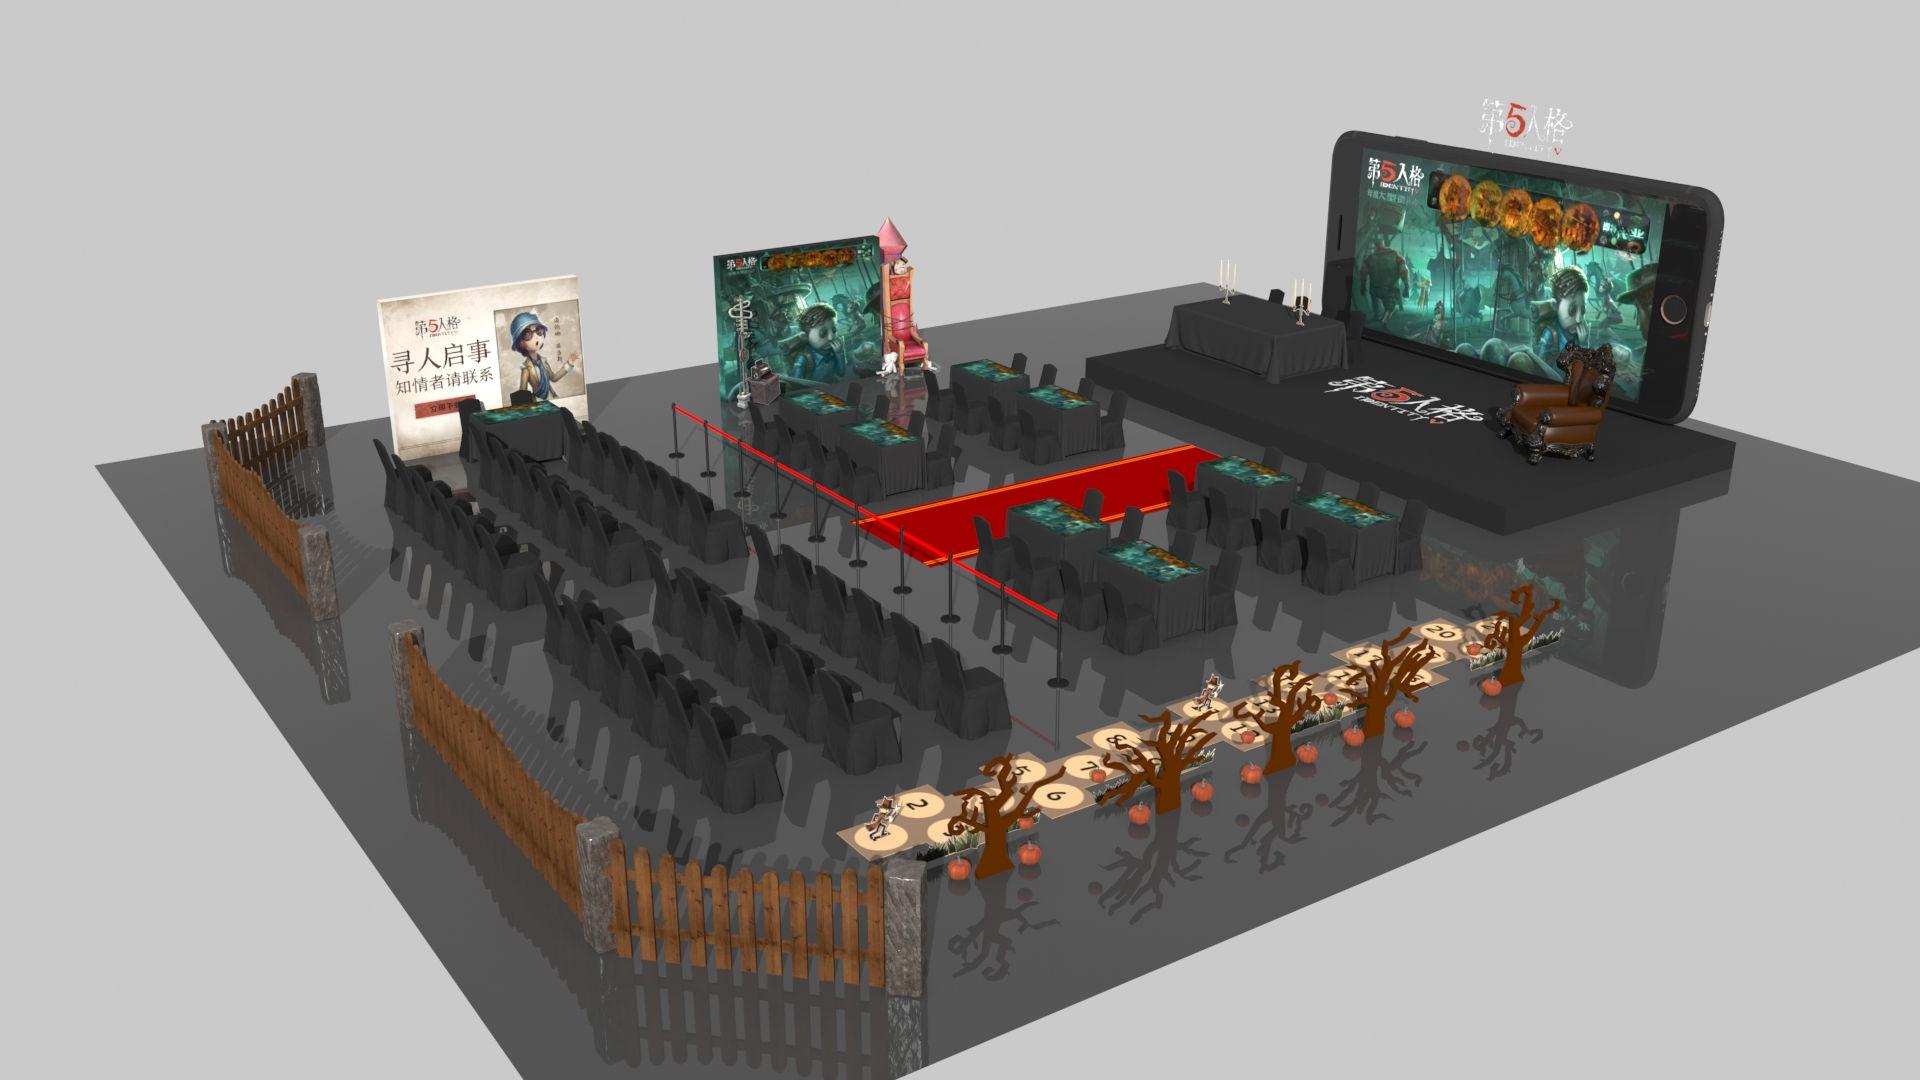 2018年《第五人格》红博·西城红场艺术长廊冰雪动漫节城市挑战赛火热